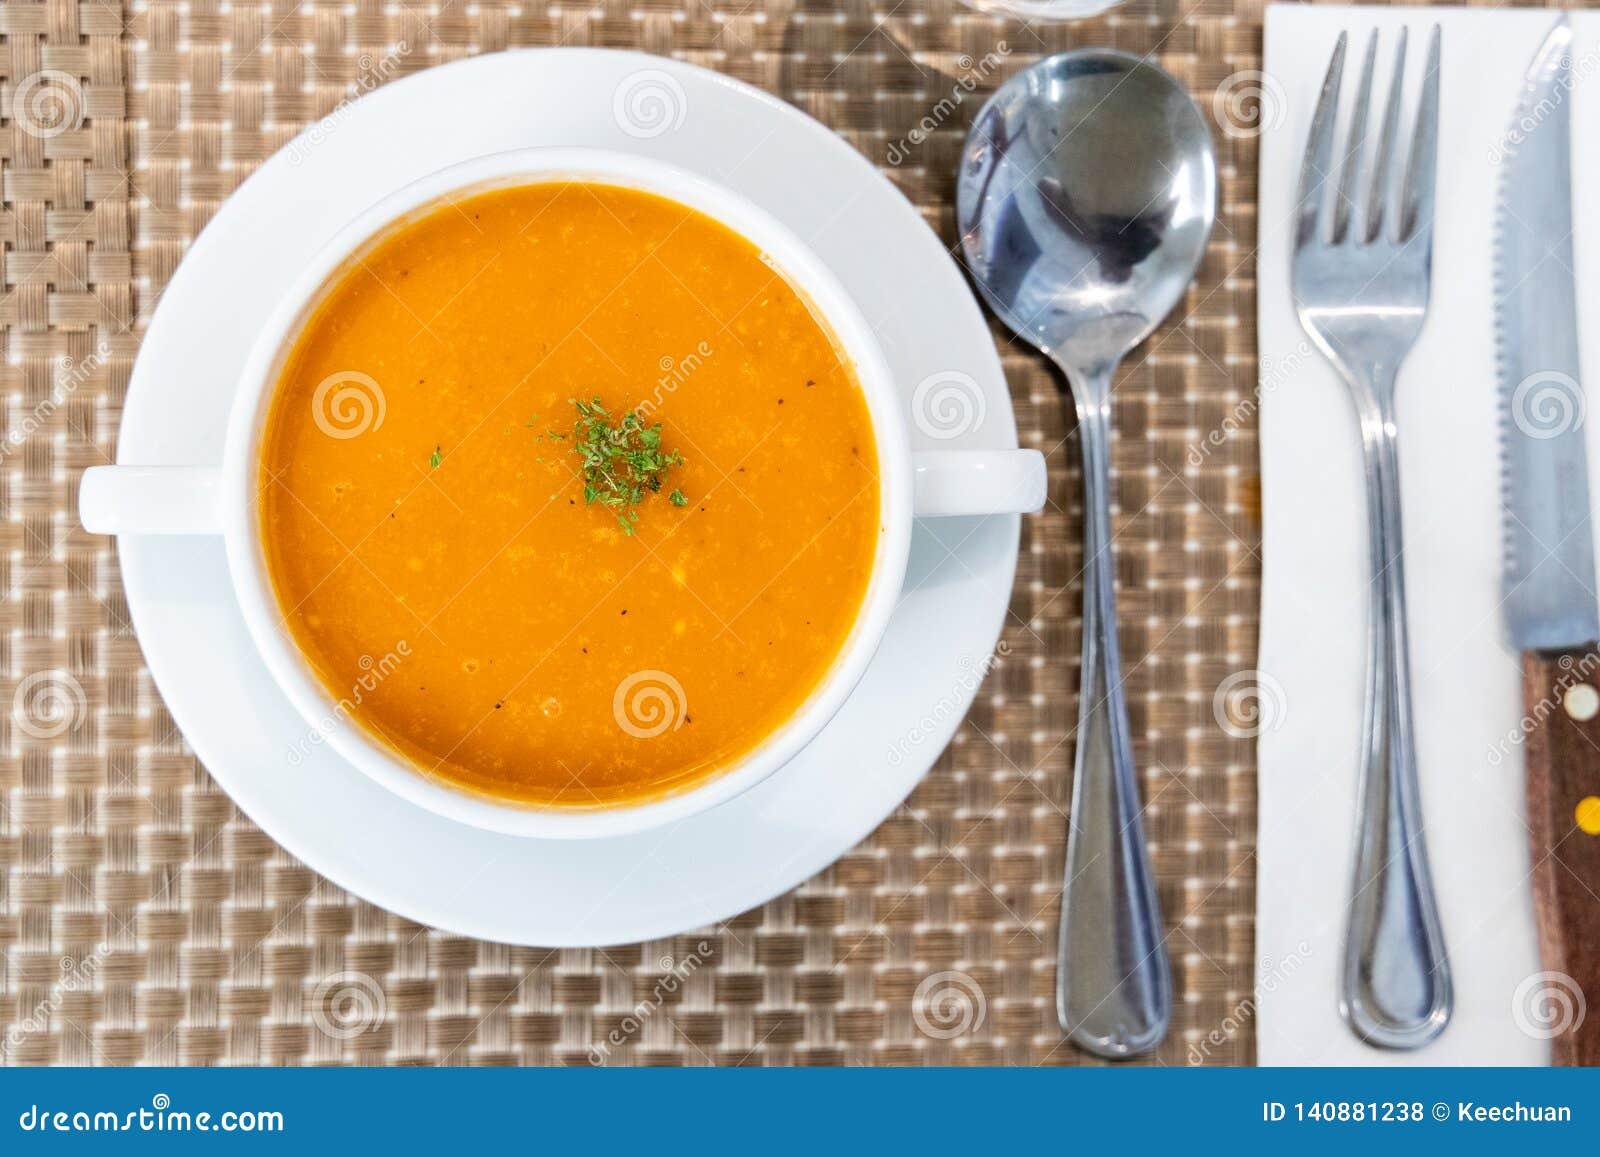 Portion de soupe crémeuse à tomate au restaurant